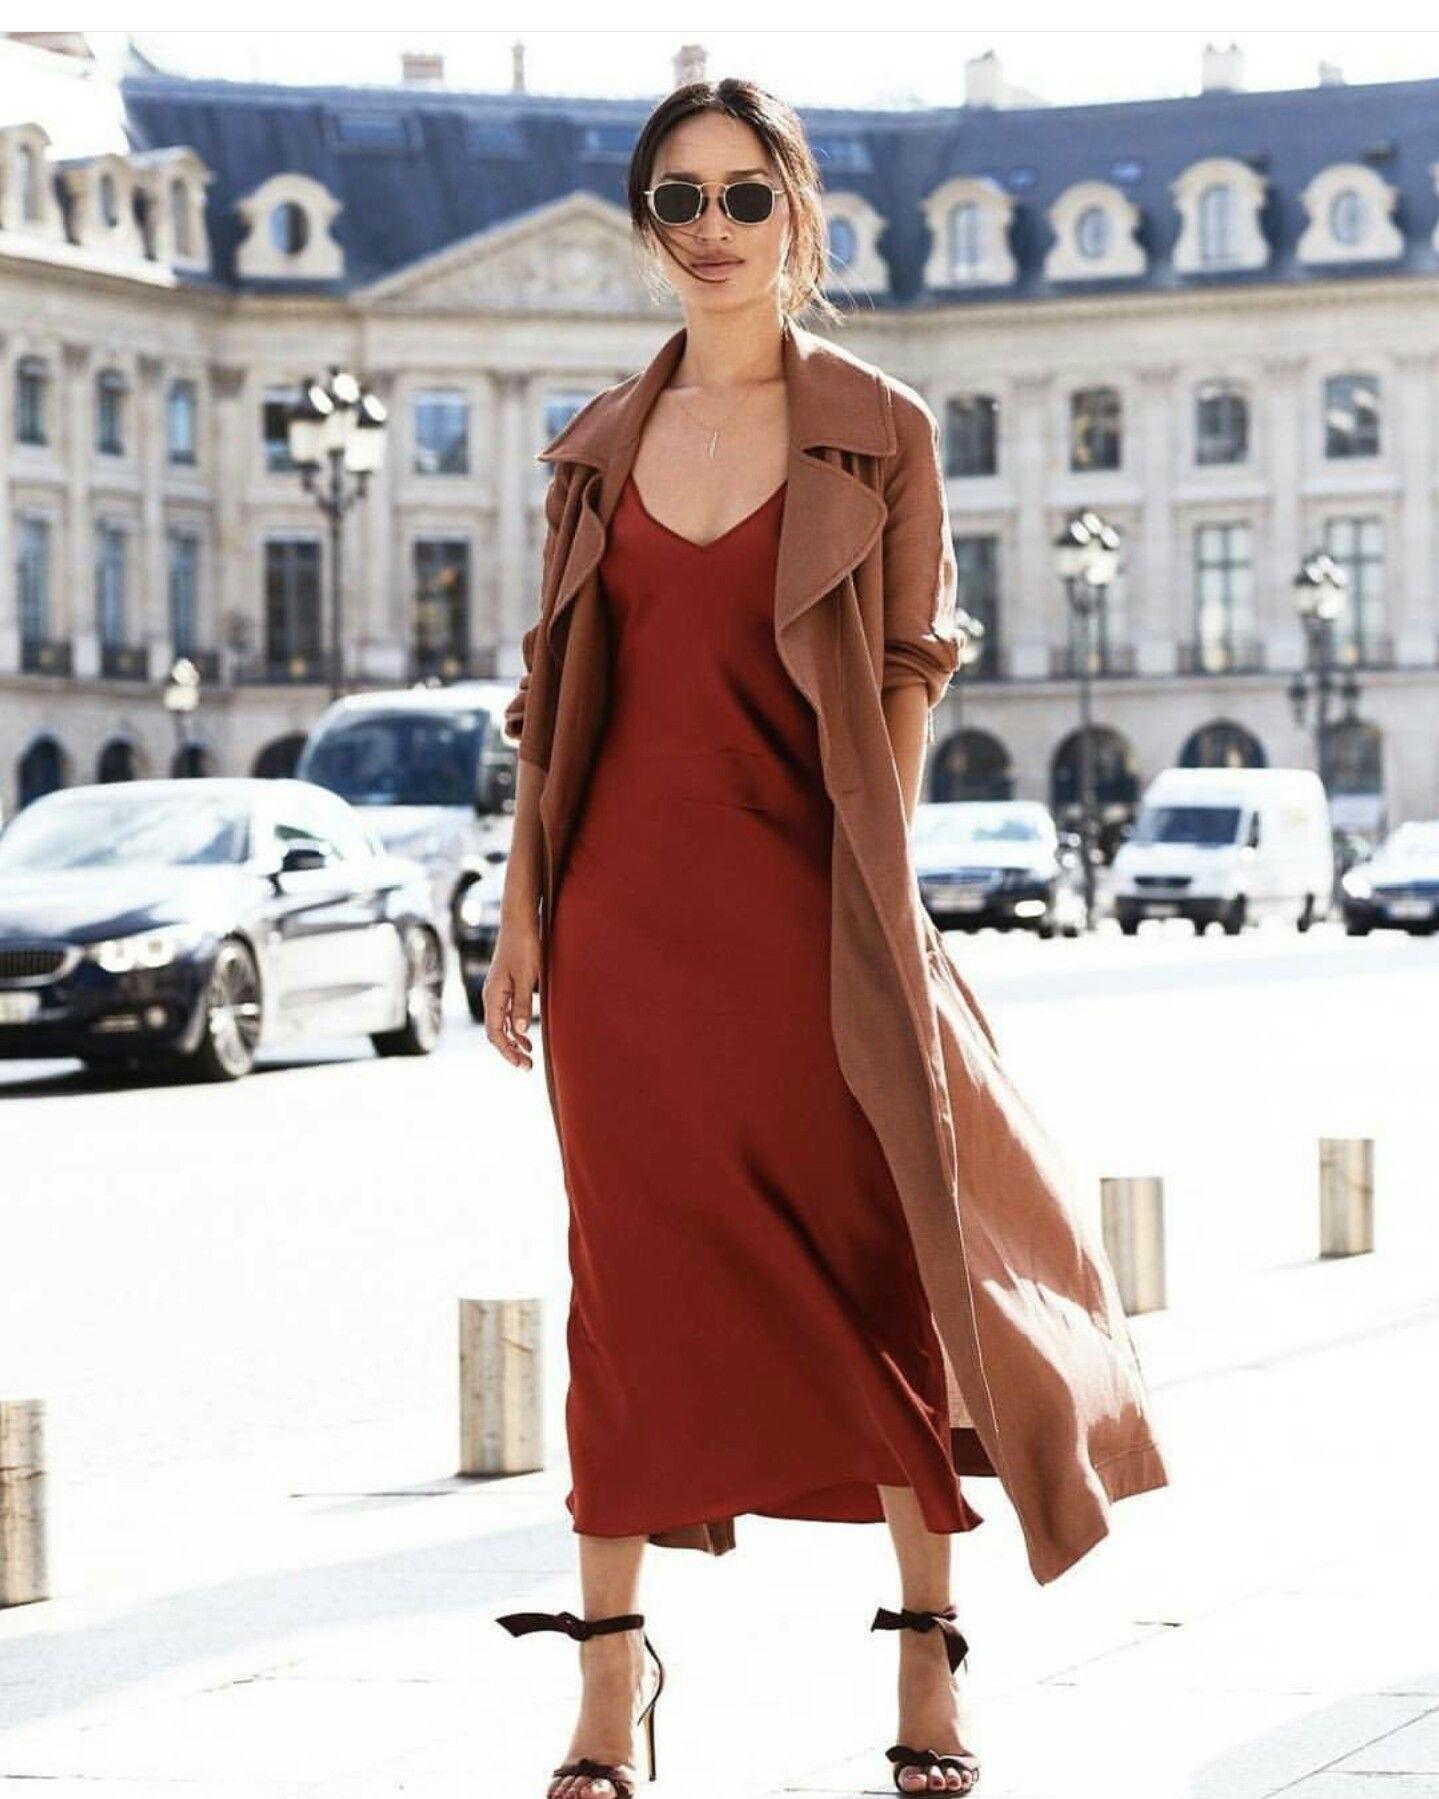 Kết quả hình ảnh cho slip dresses and trendcoat